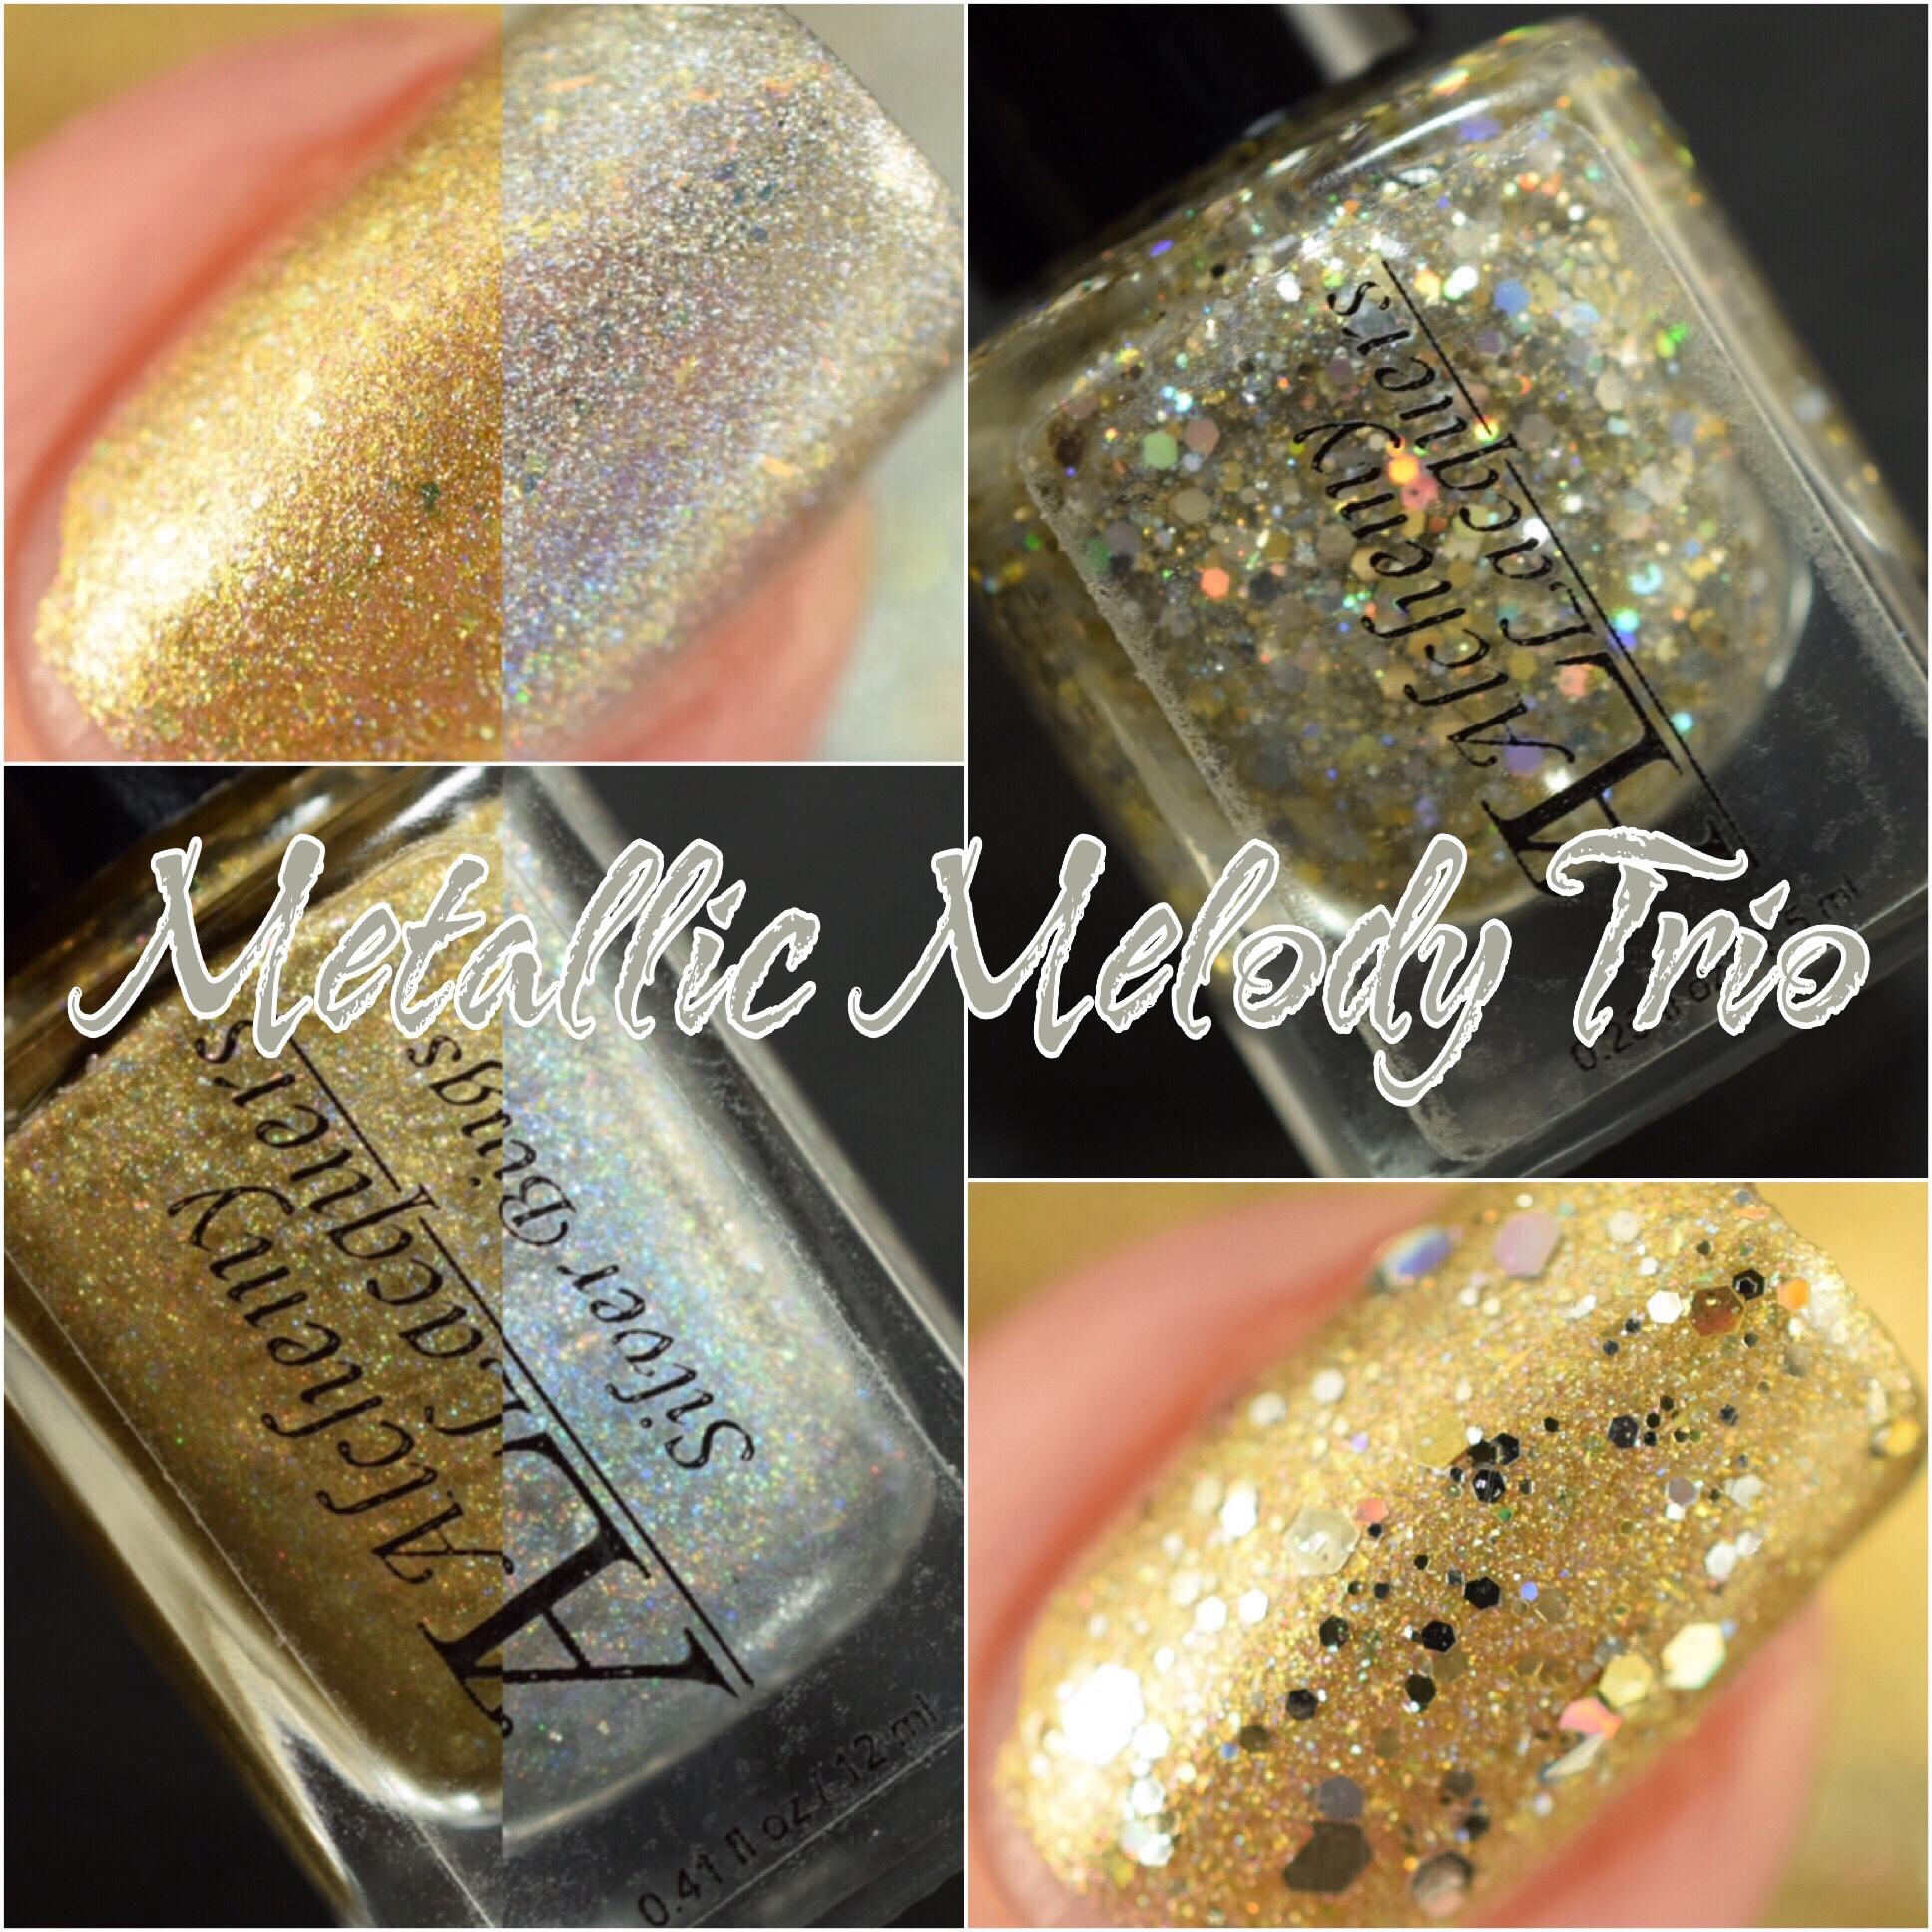 Metallic Melody Trio